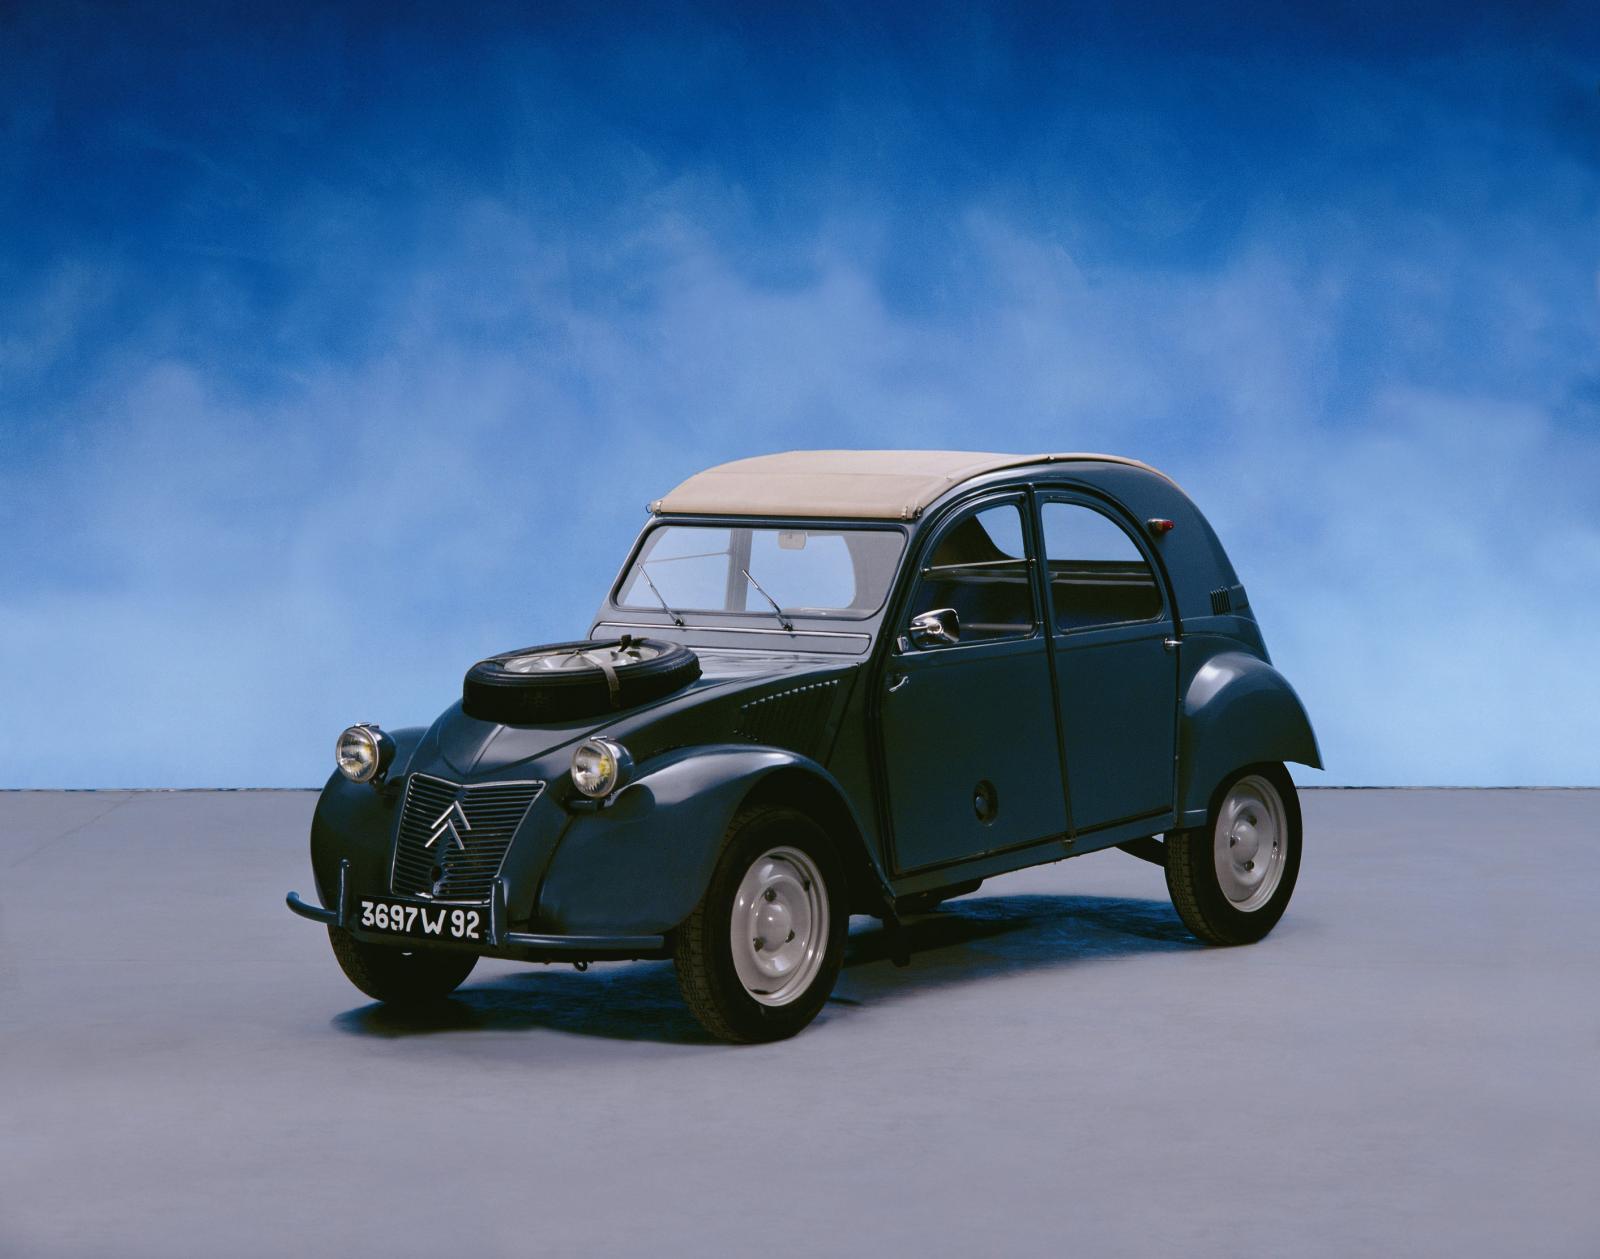 2CV 4x4 Sahara 1960 3/4 AV